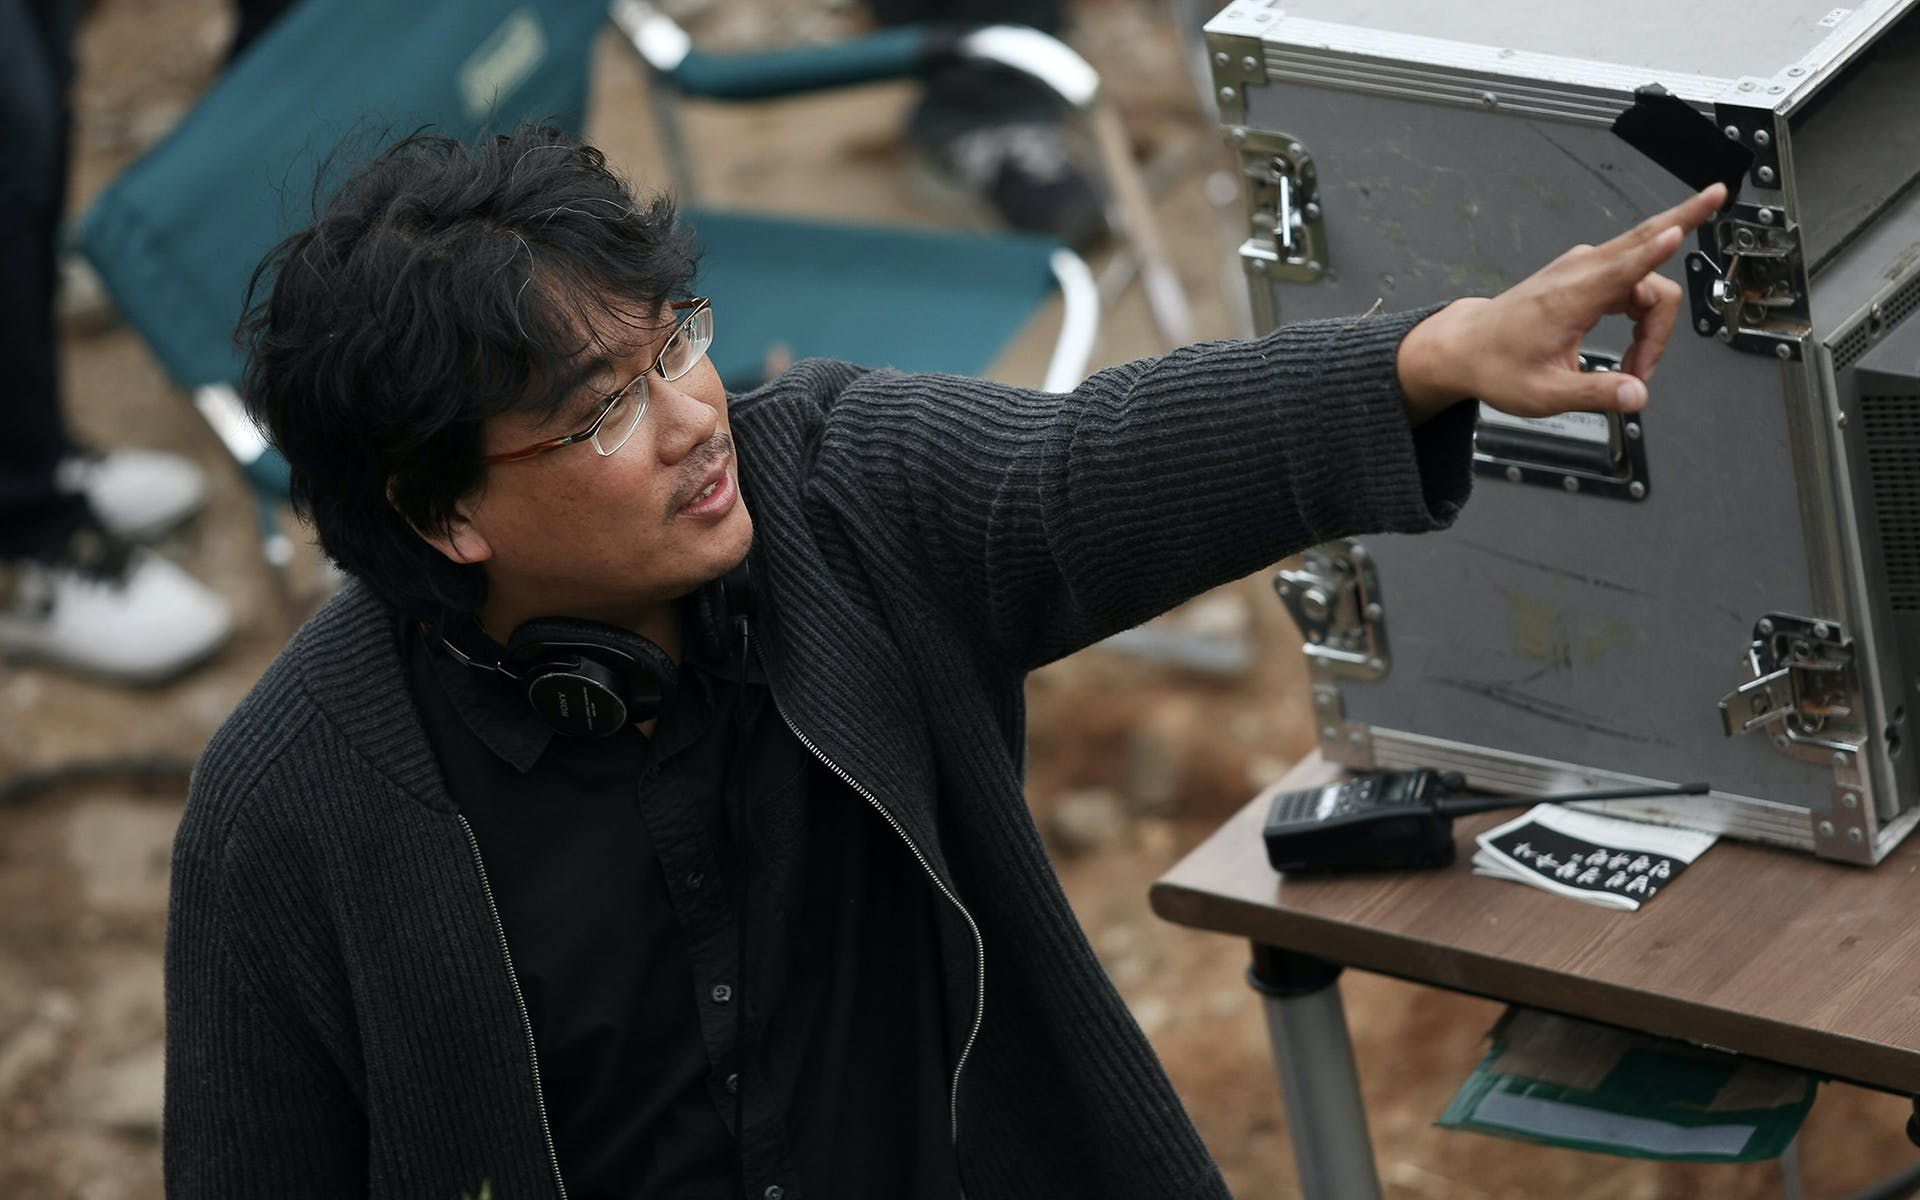 Bonj Joon Ho directing